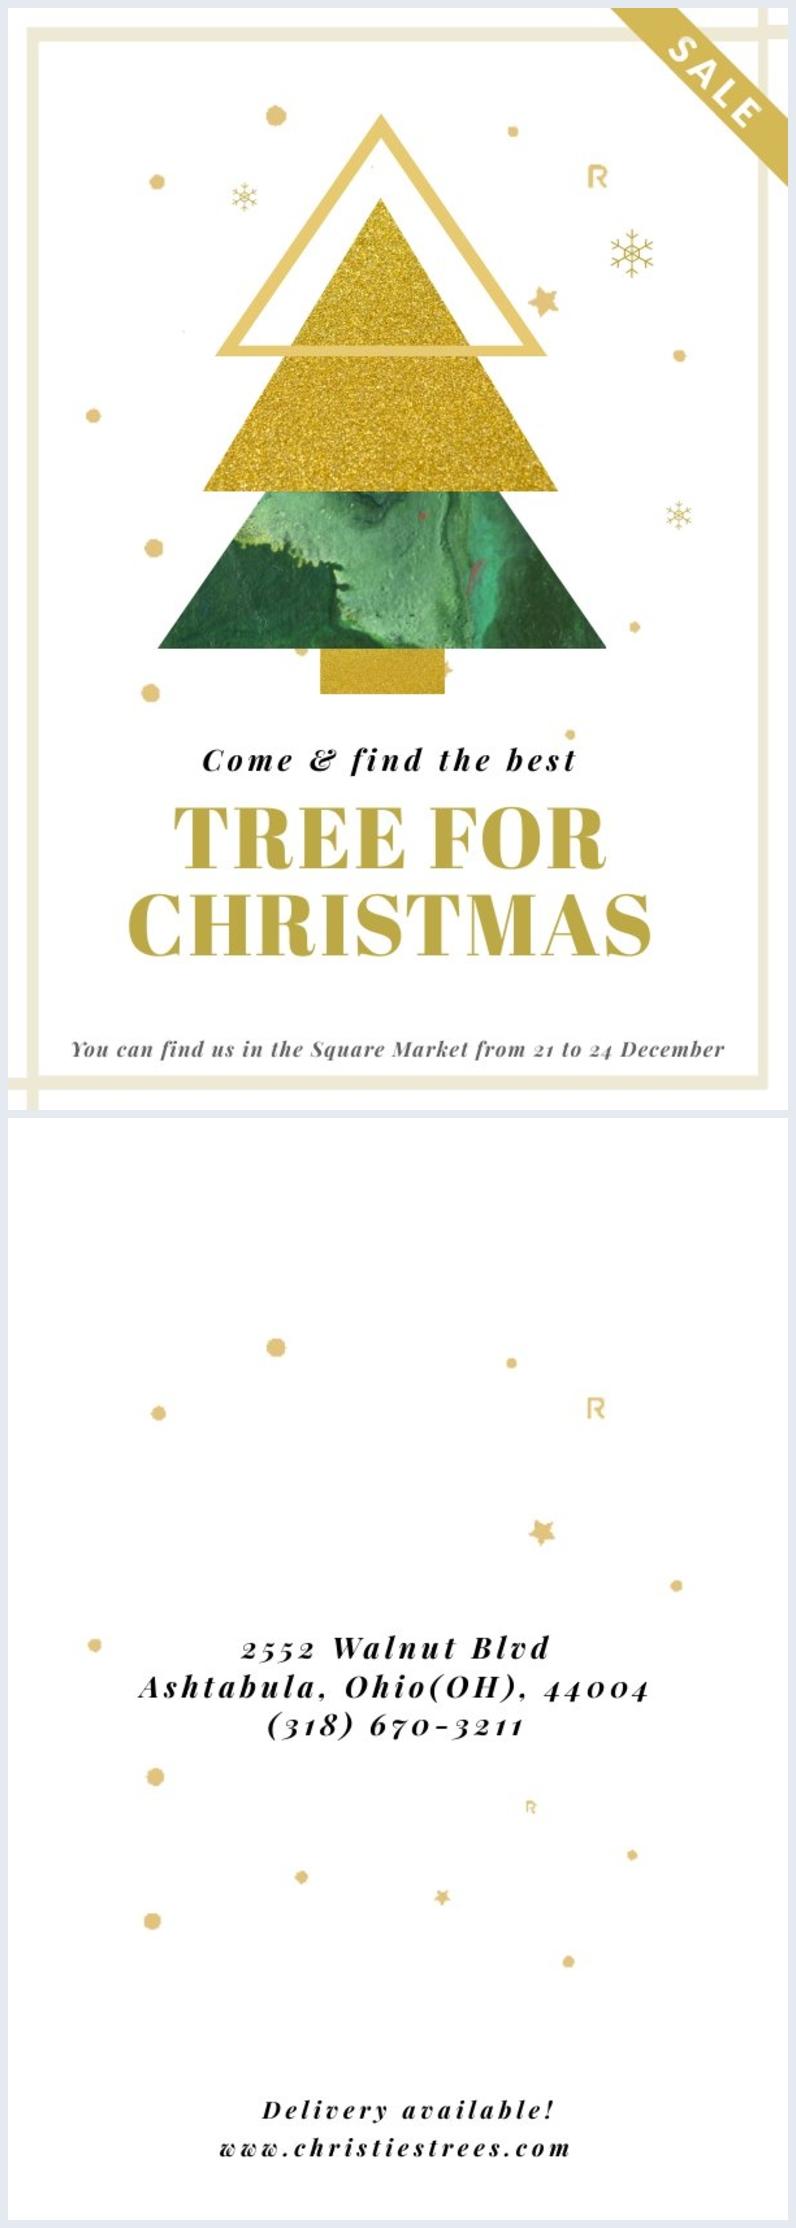 Idea grafica per volantino di negozio degli alberi di Natale